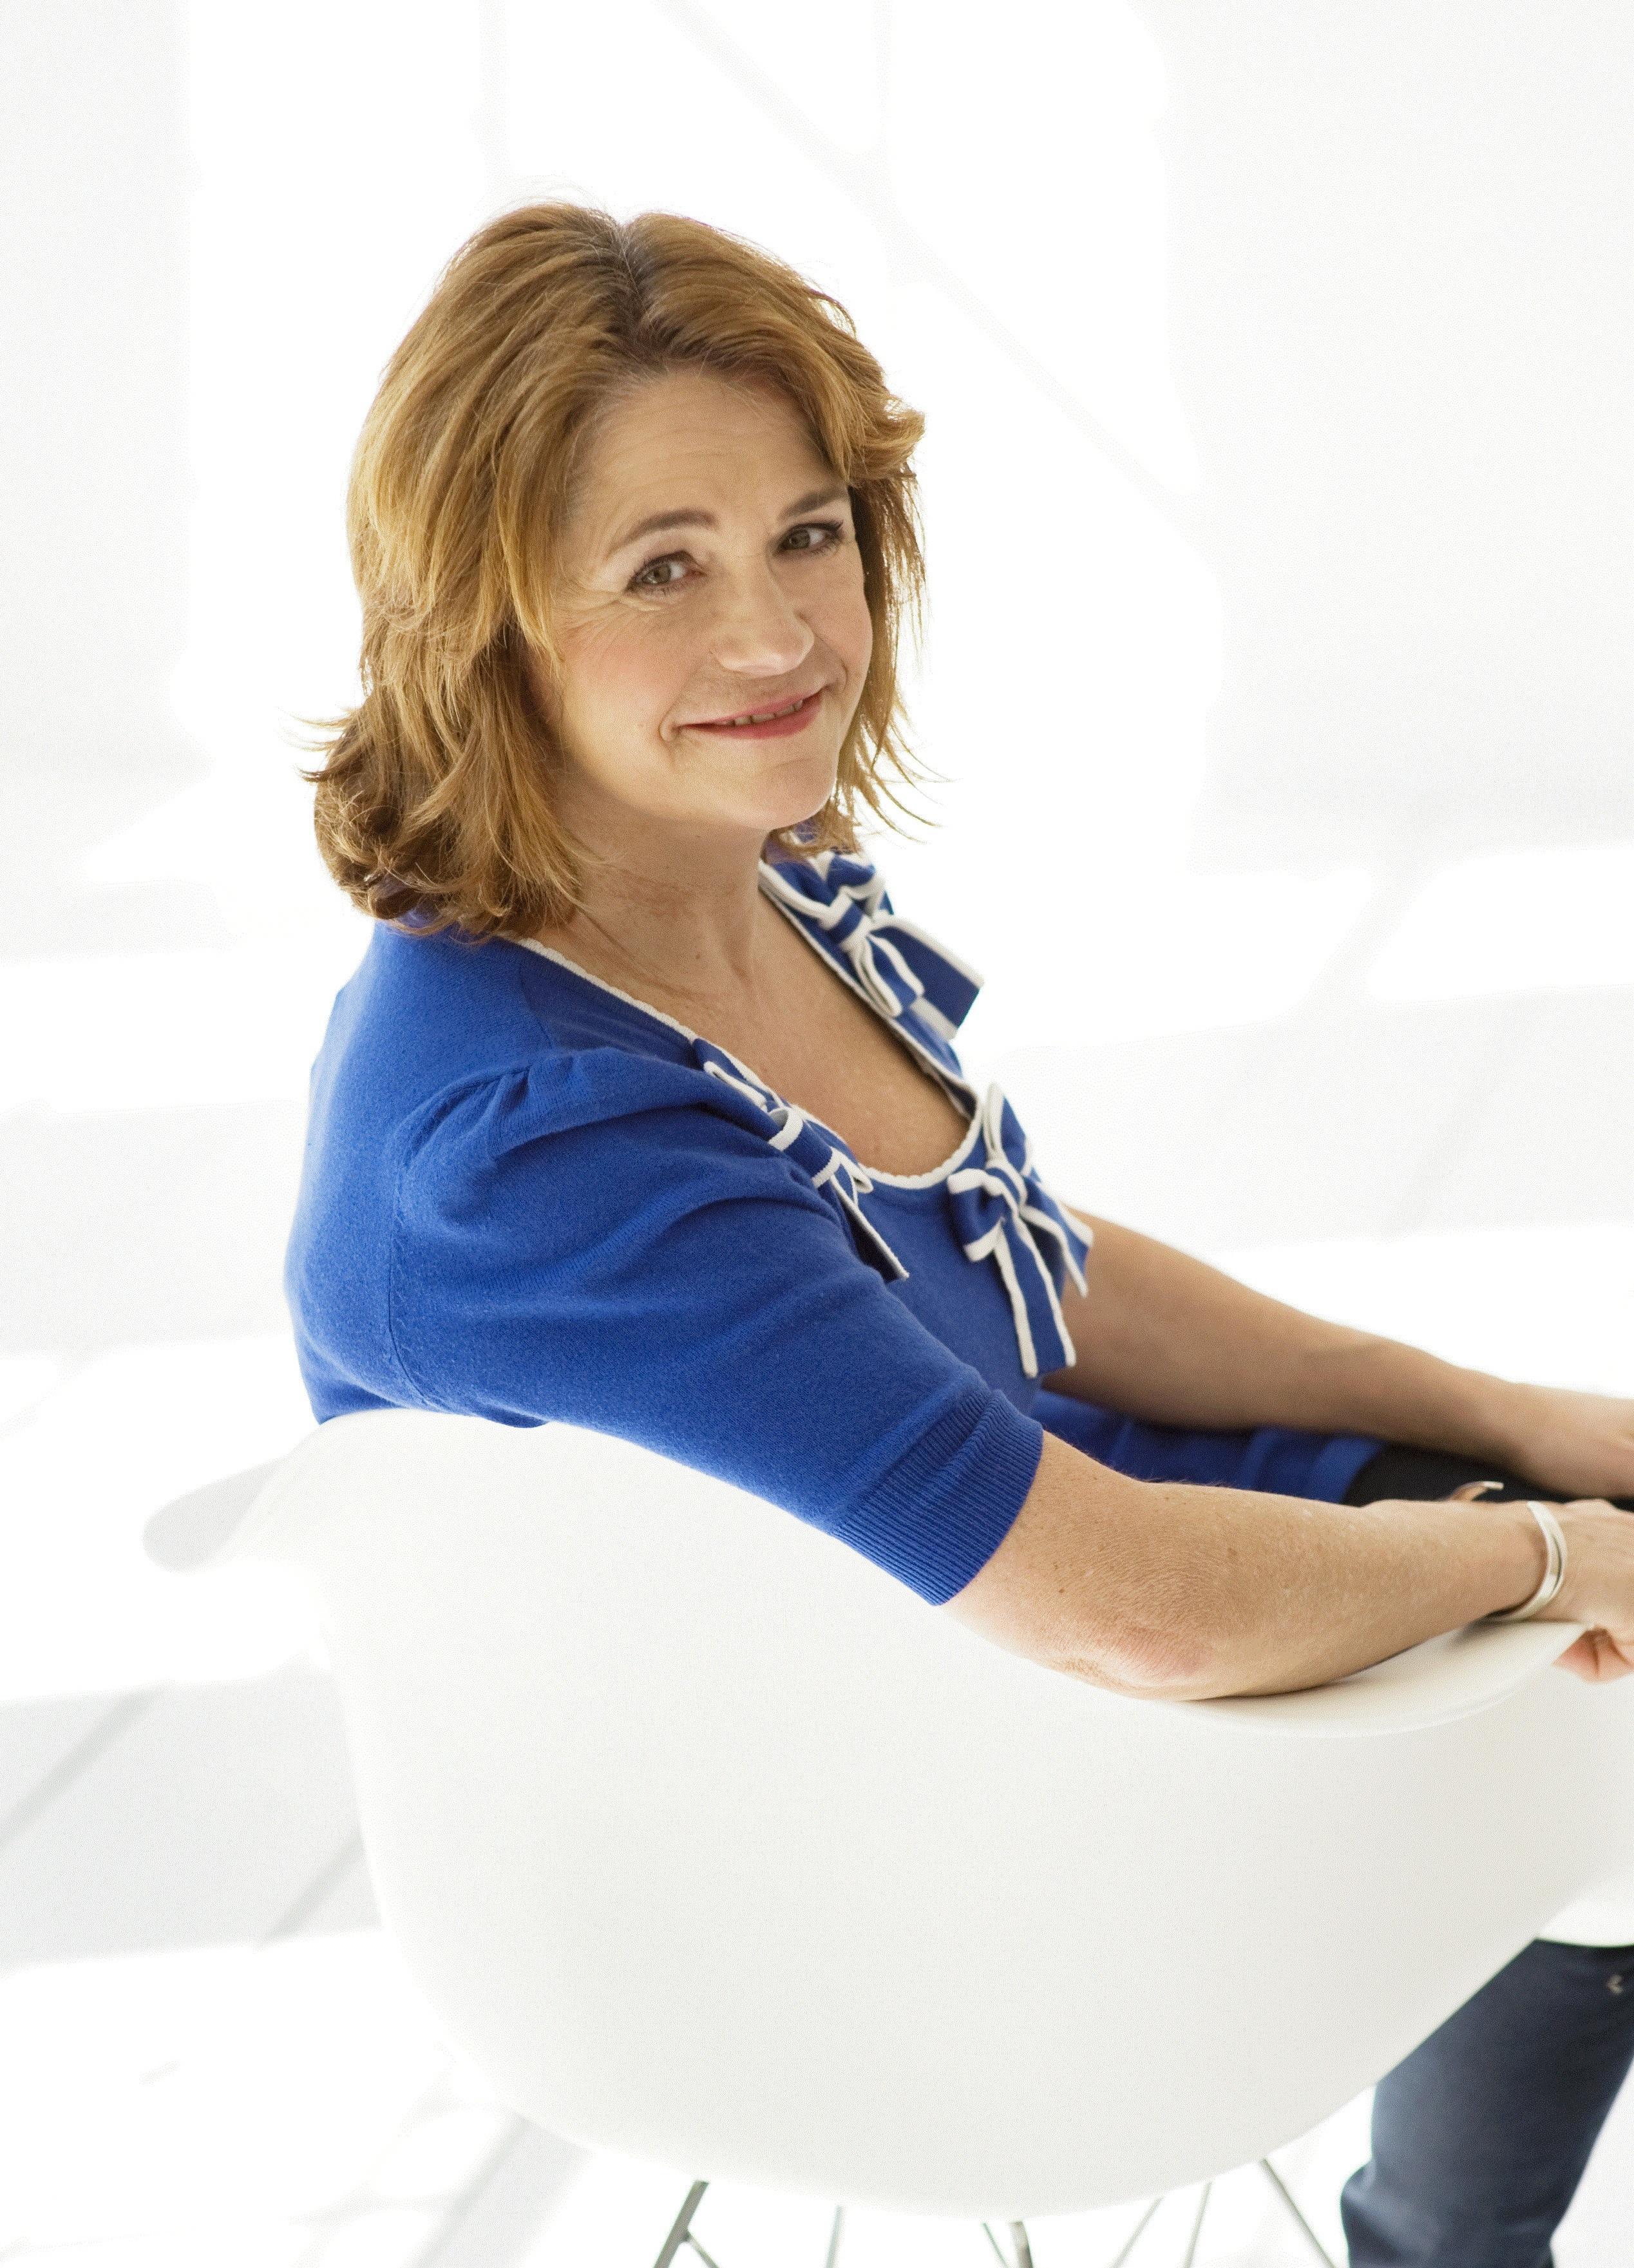 Annet Niterink